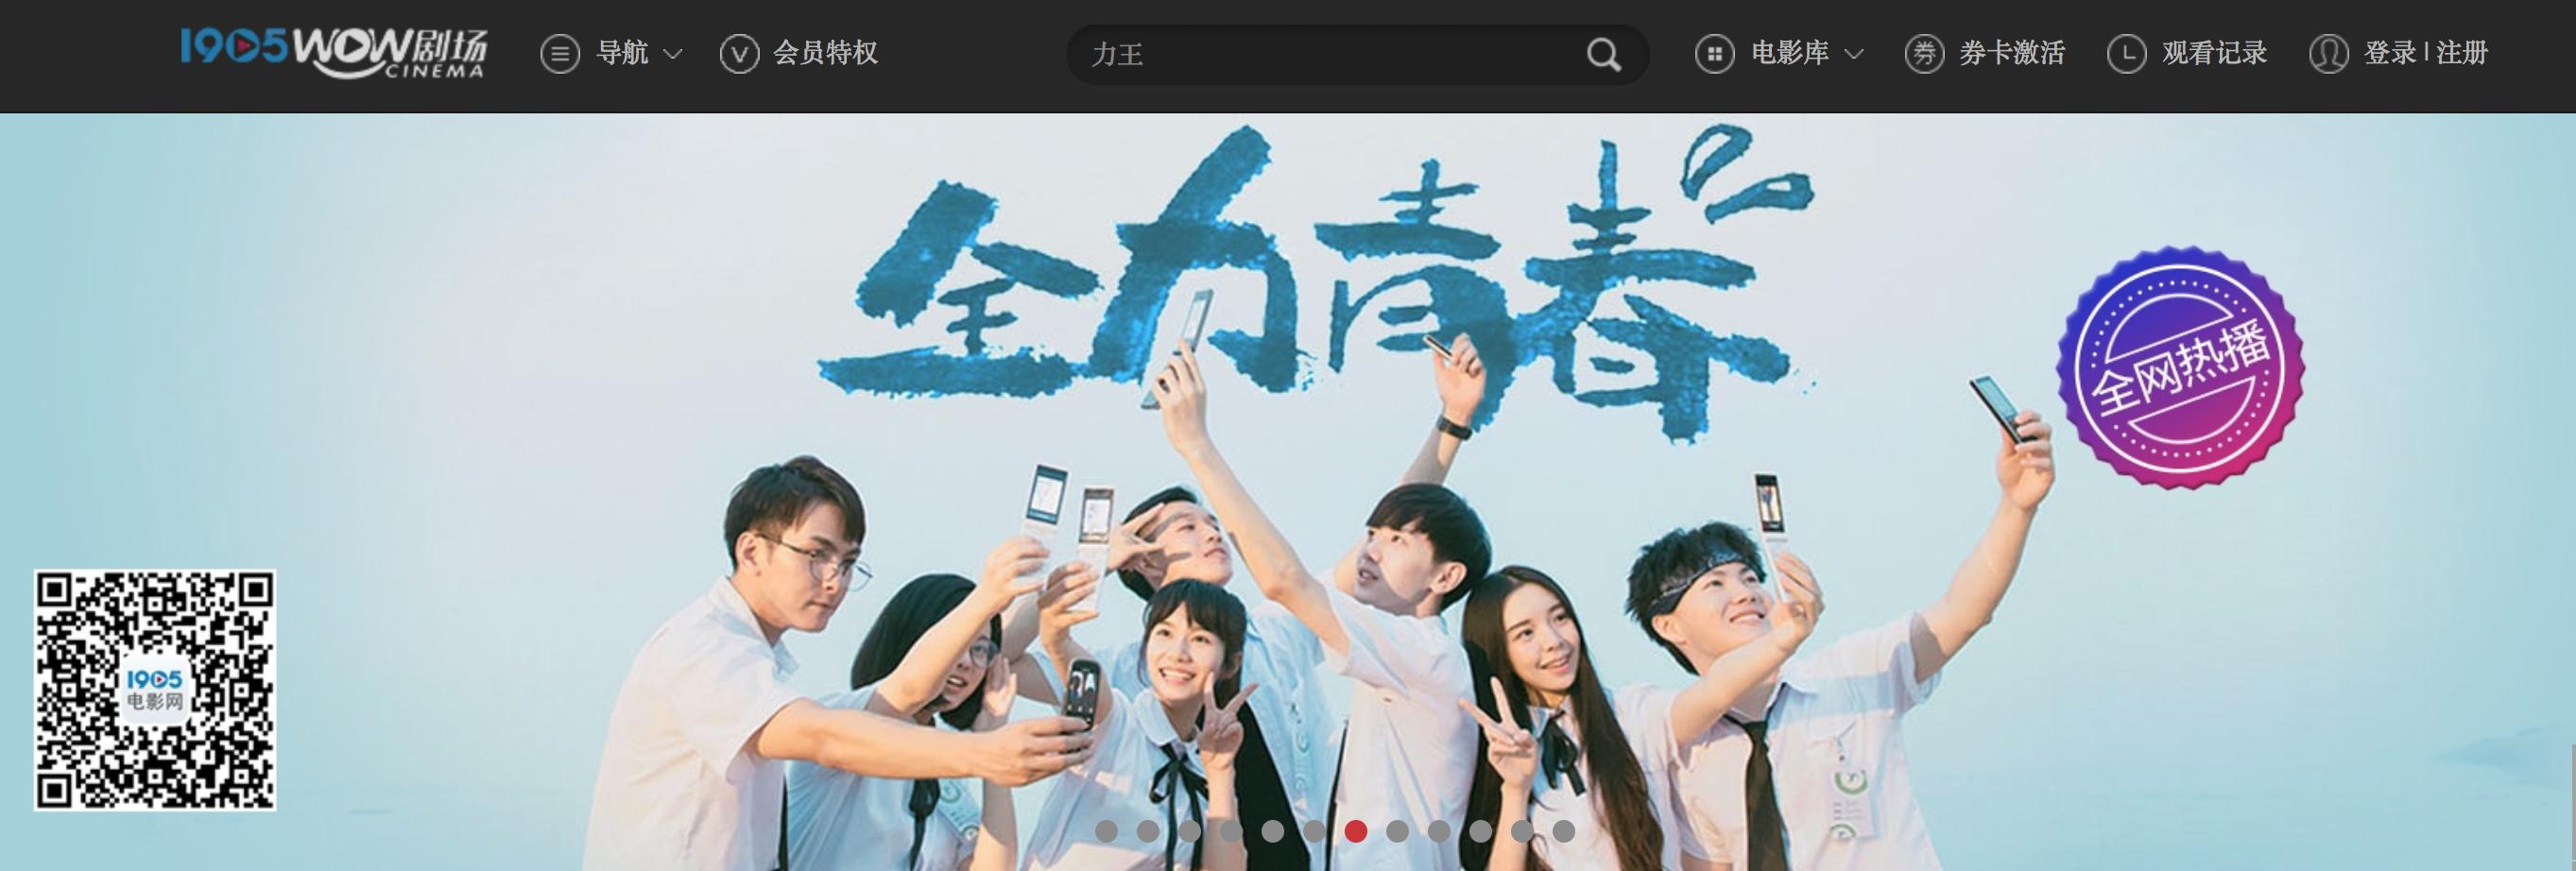 电影网网页端首页banner推荐